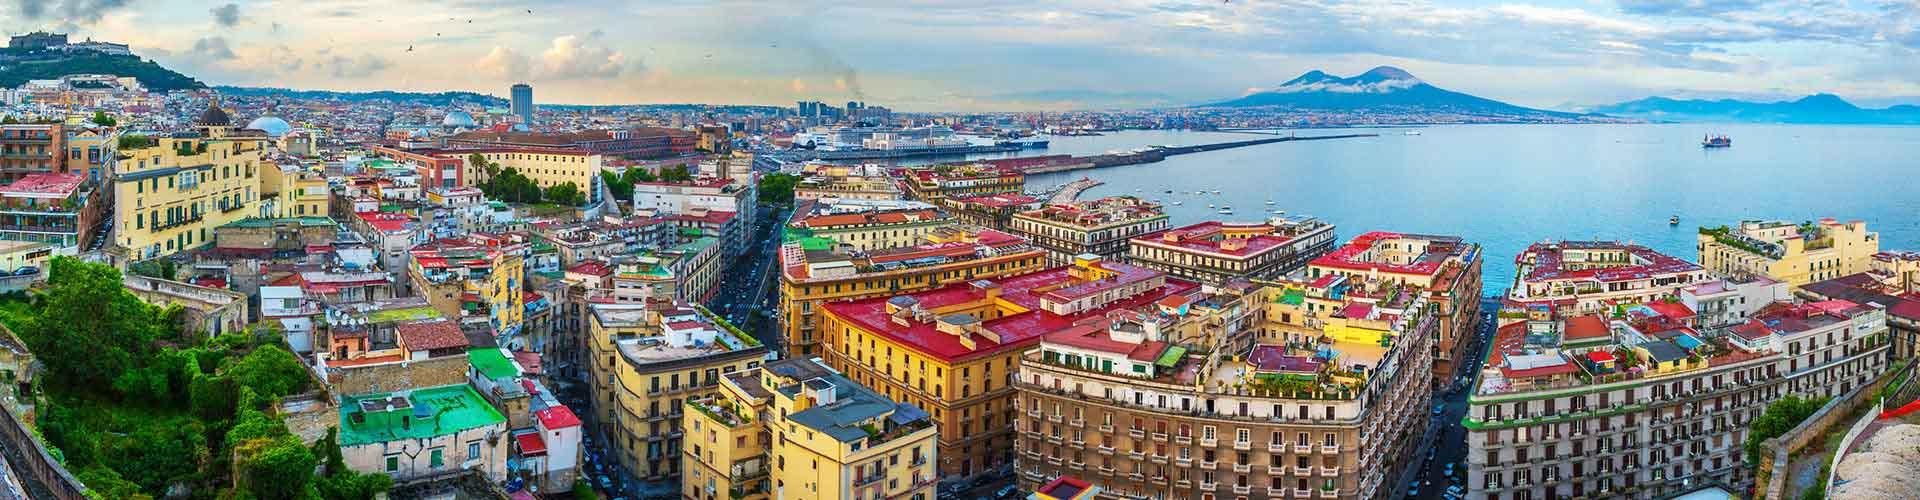 Naples - Auberges de jeunesse dans le quartier de Fuorigrotta. Cartes pour Naples, photos et commentaires pour chaque auberge de jeunesse à Naples.